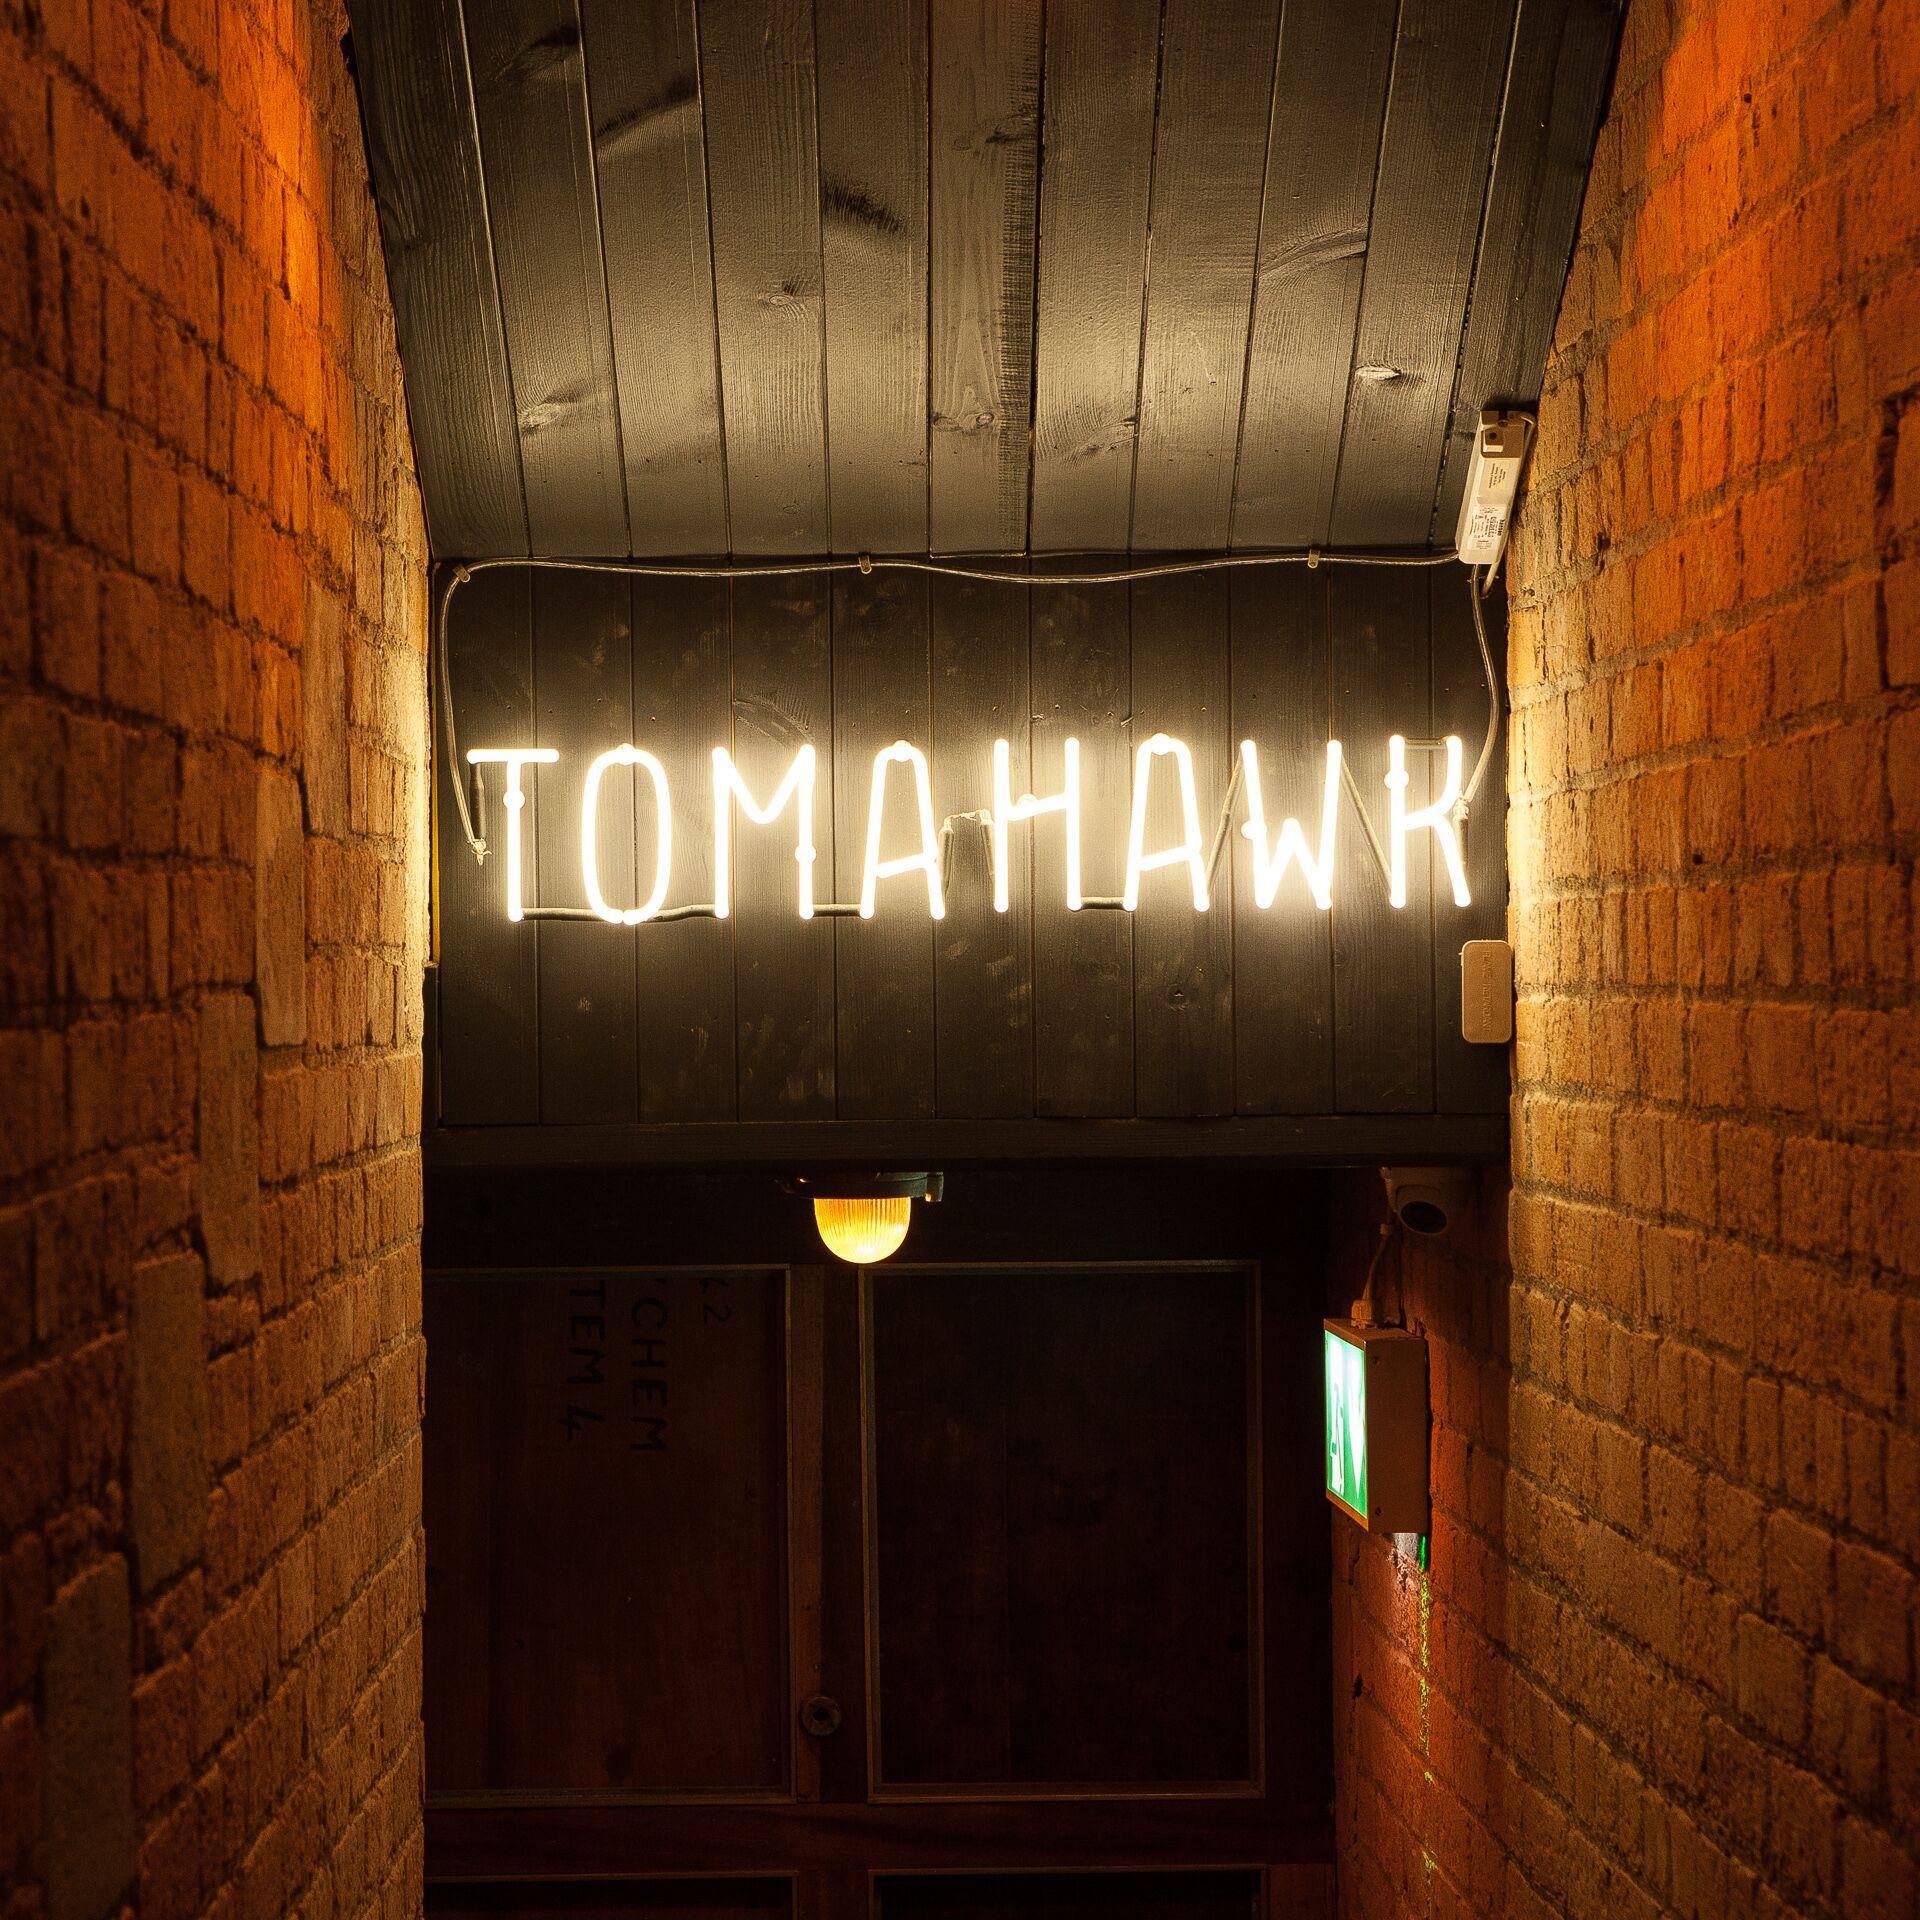 Tomahawk Dublin entrance